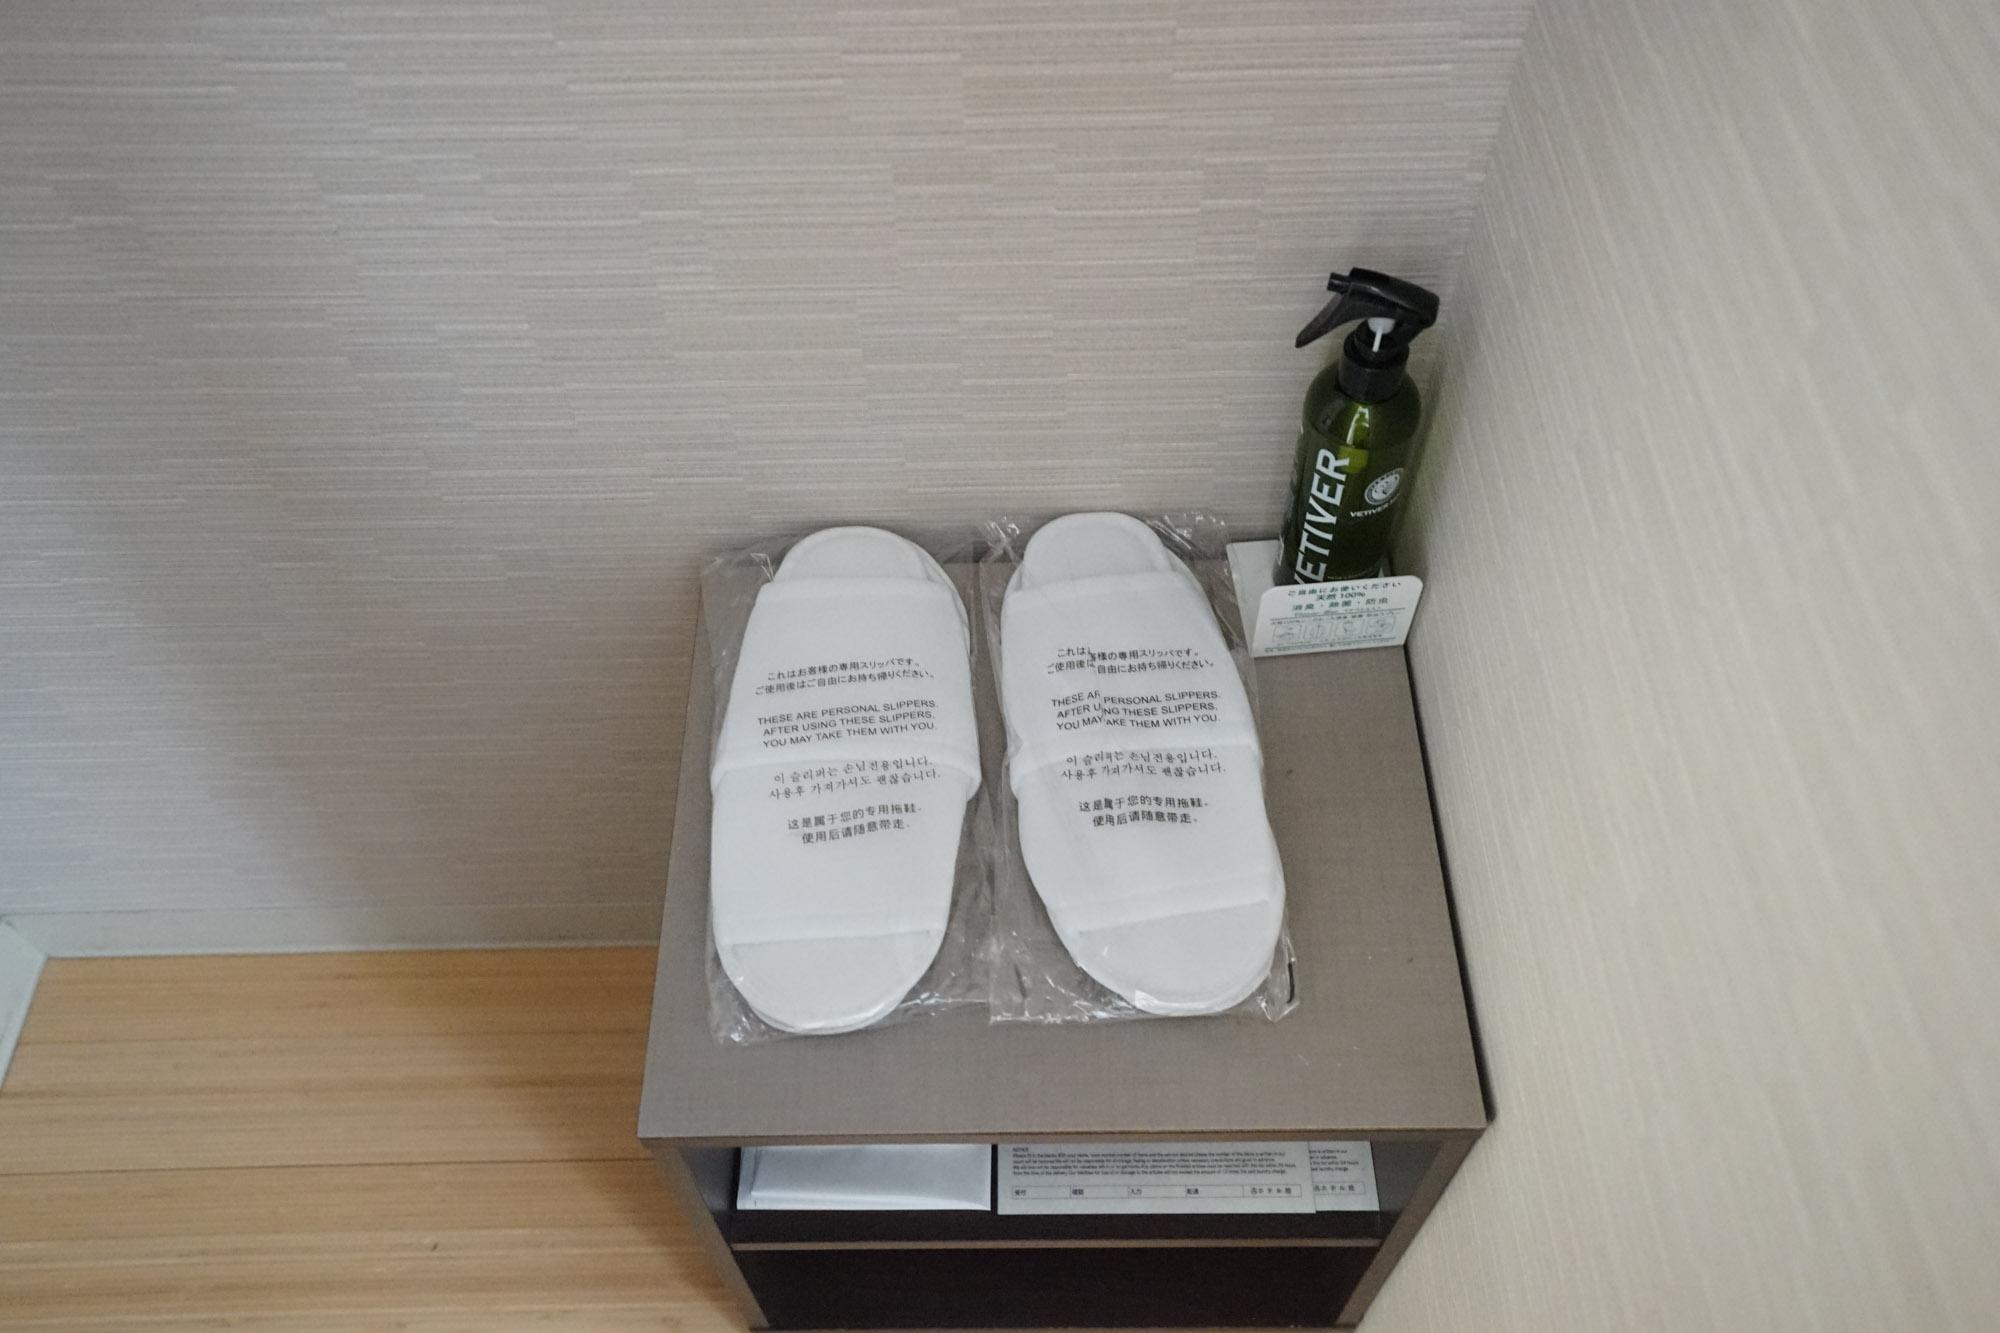 スリッパやリフレッシュナー、靴べら、靴磨きなどのアイテムがありました。